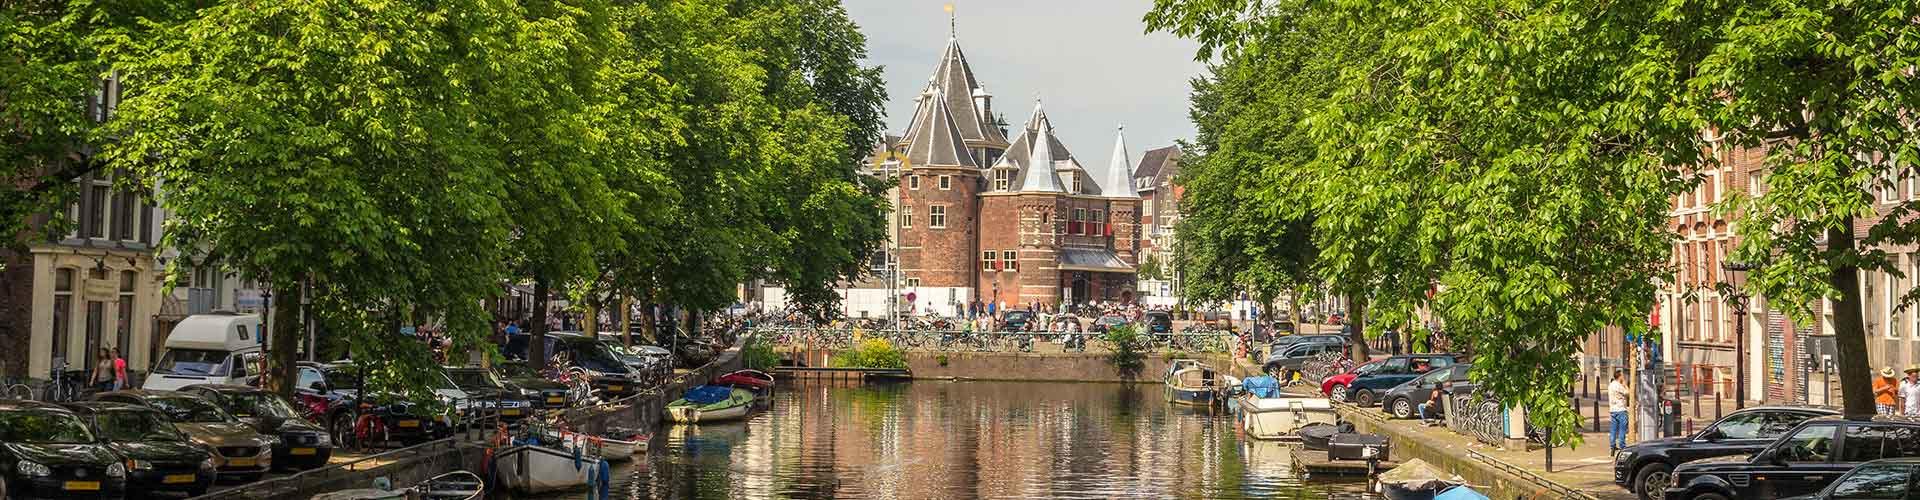 Amsterdam - Chambres près de Weigh House. Cartes pour Amsterdam, photos et commentaires pour chaque chambre à Amsterdam.